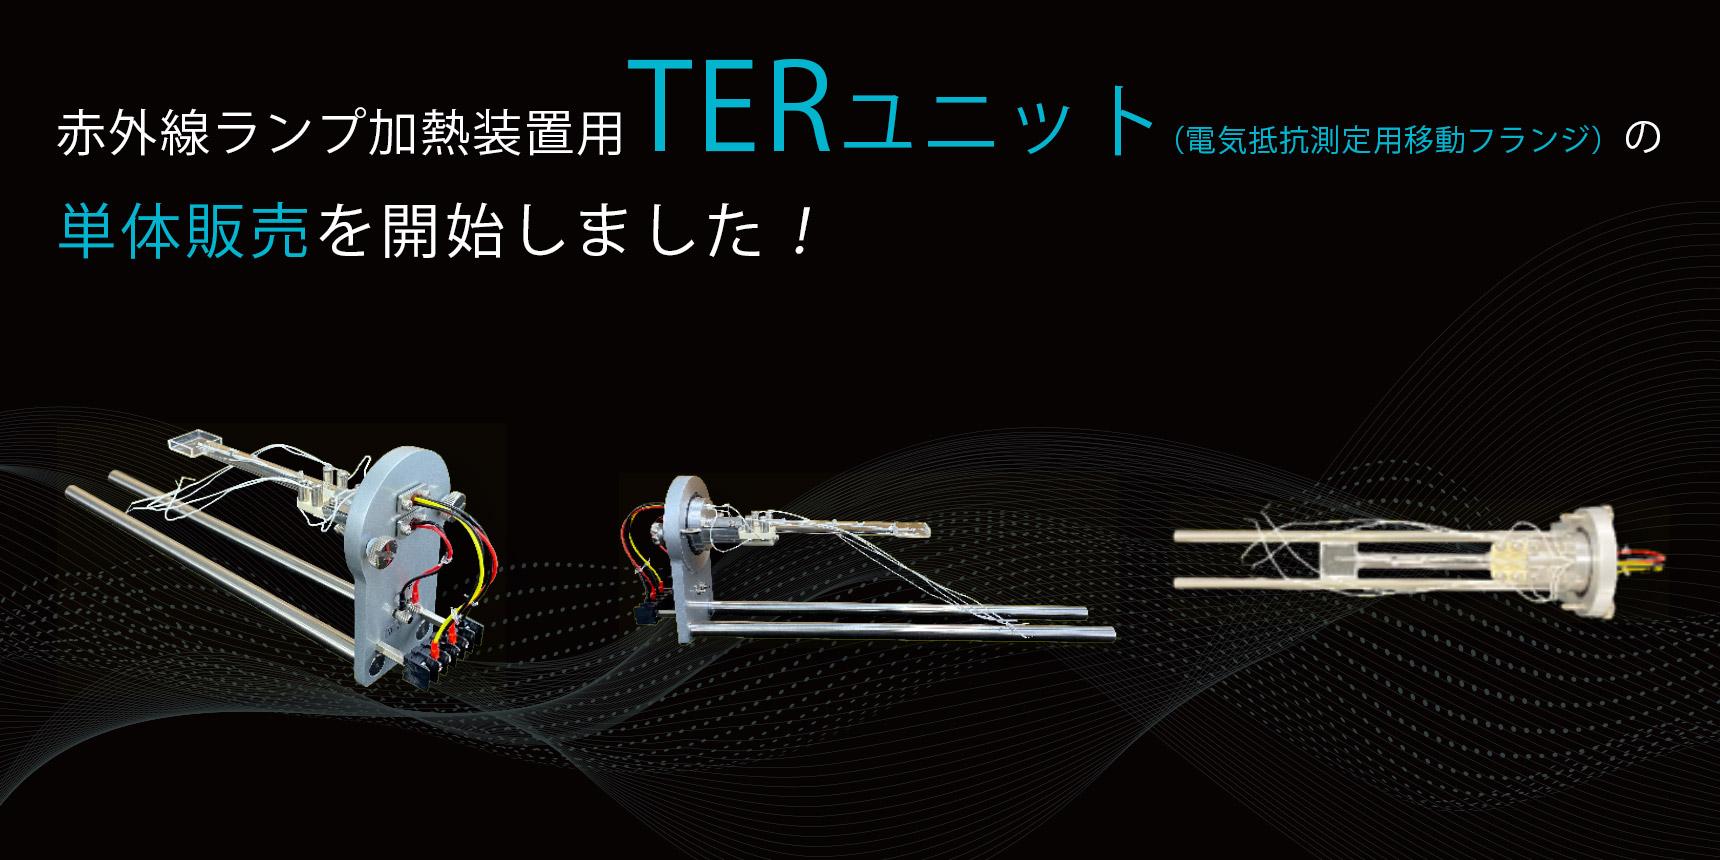 赤外線ランプ加熱装置用TERユニット(電気抵抗測定用移動フランジ)の 単体販売を開始しました!